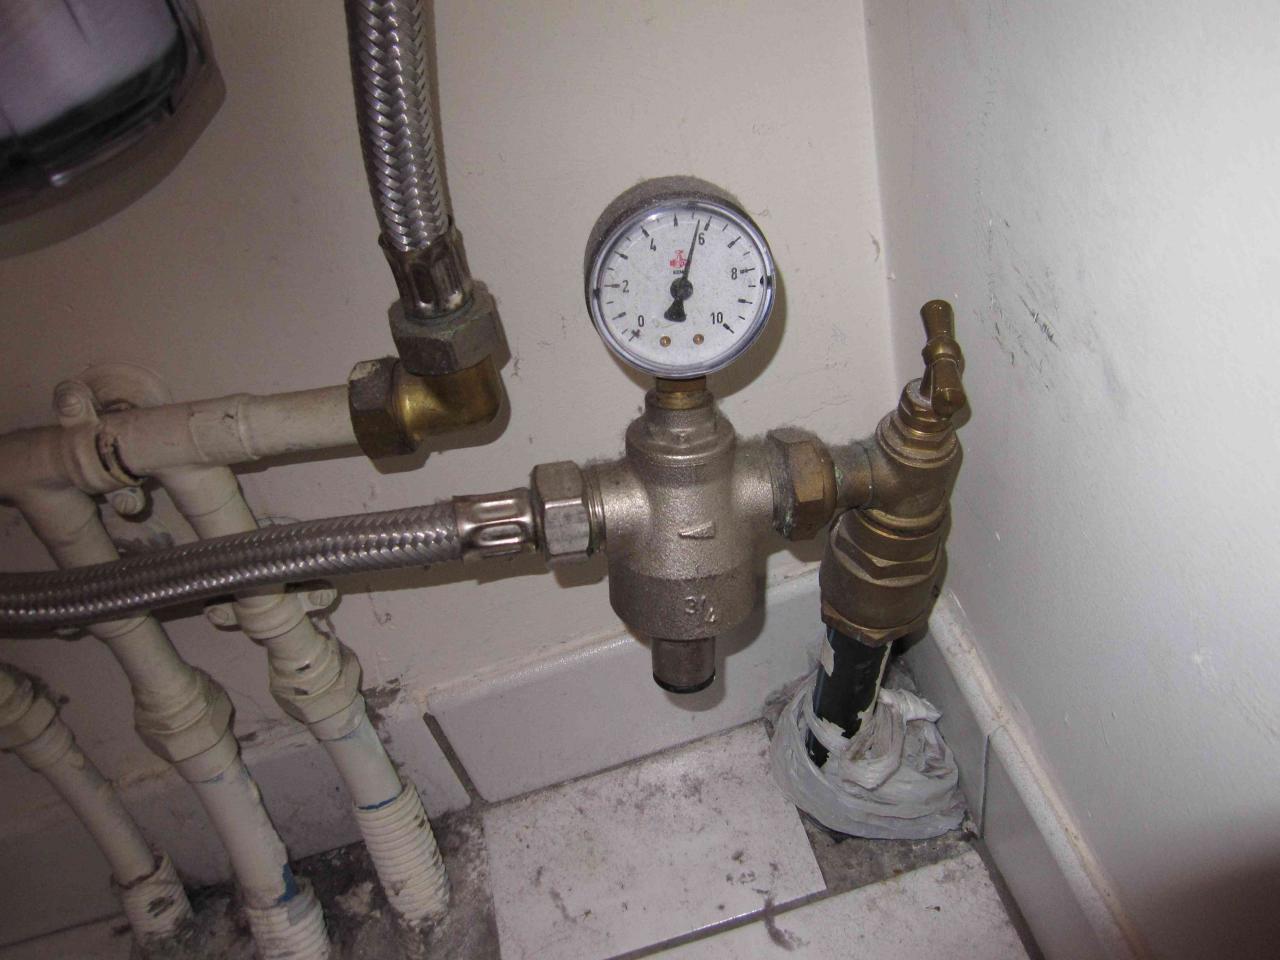 Mon r ducteur de pression d eau est il r glable - Reducteur de pression cumulus ...